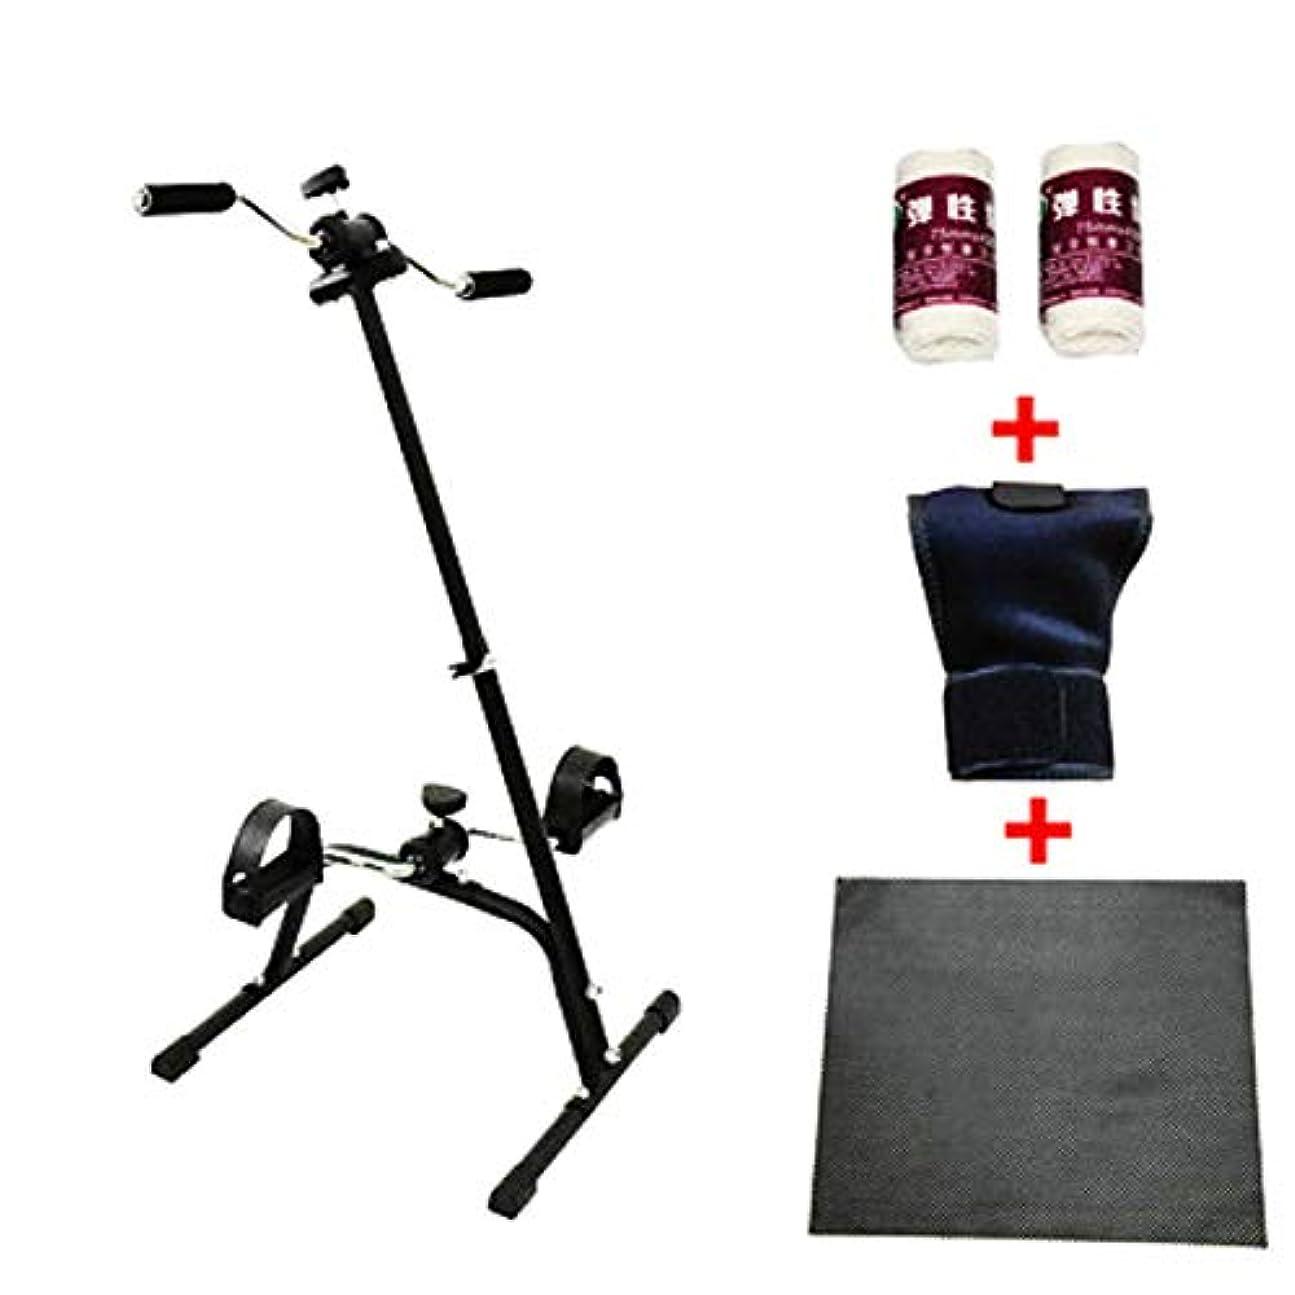 磁石めんどり地上で医療全身エクササイザー、ホームレッグアームペダルエクササイザー、上肢および下肢のトレーニング機器、カーディオフィットネストレーナー ホームトレーナー スピンエクササイズバイク,A